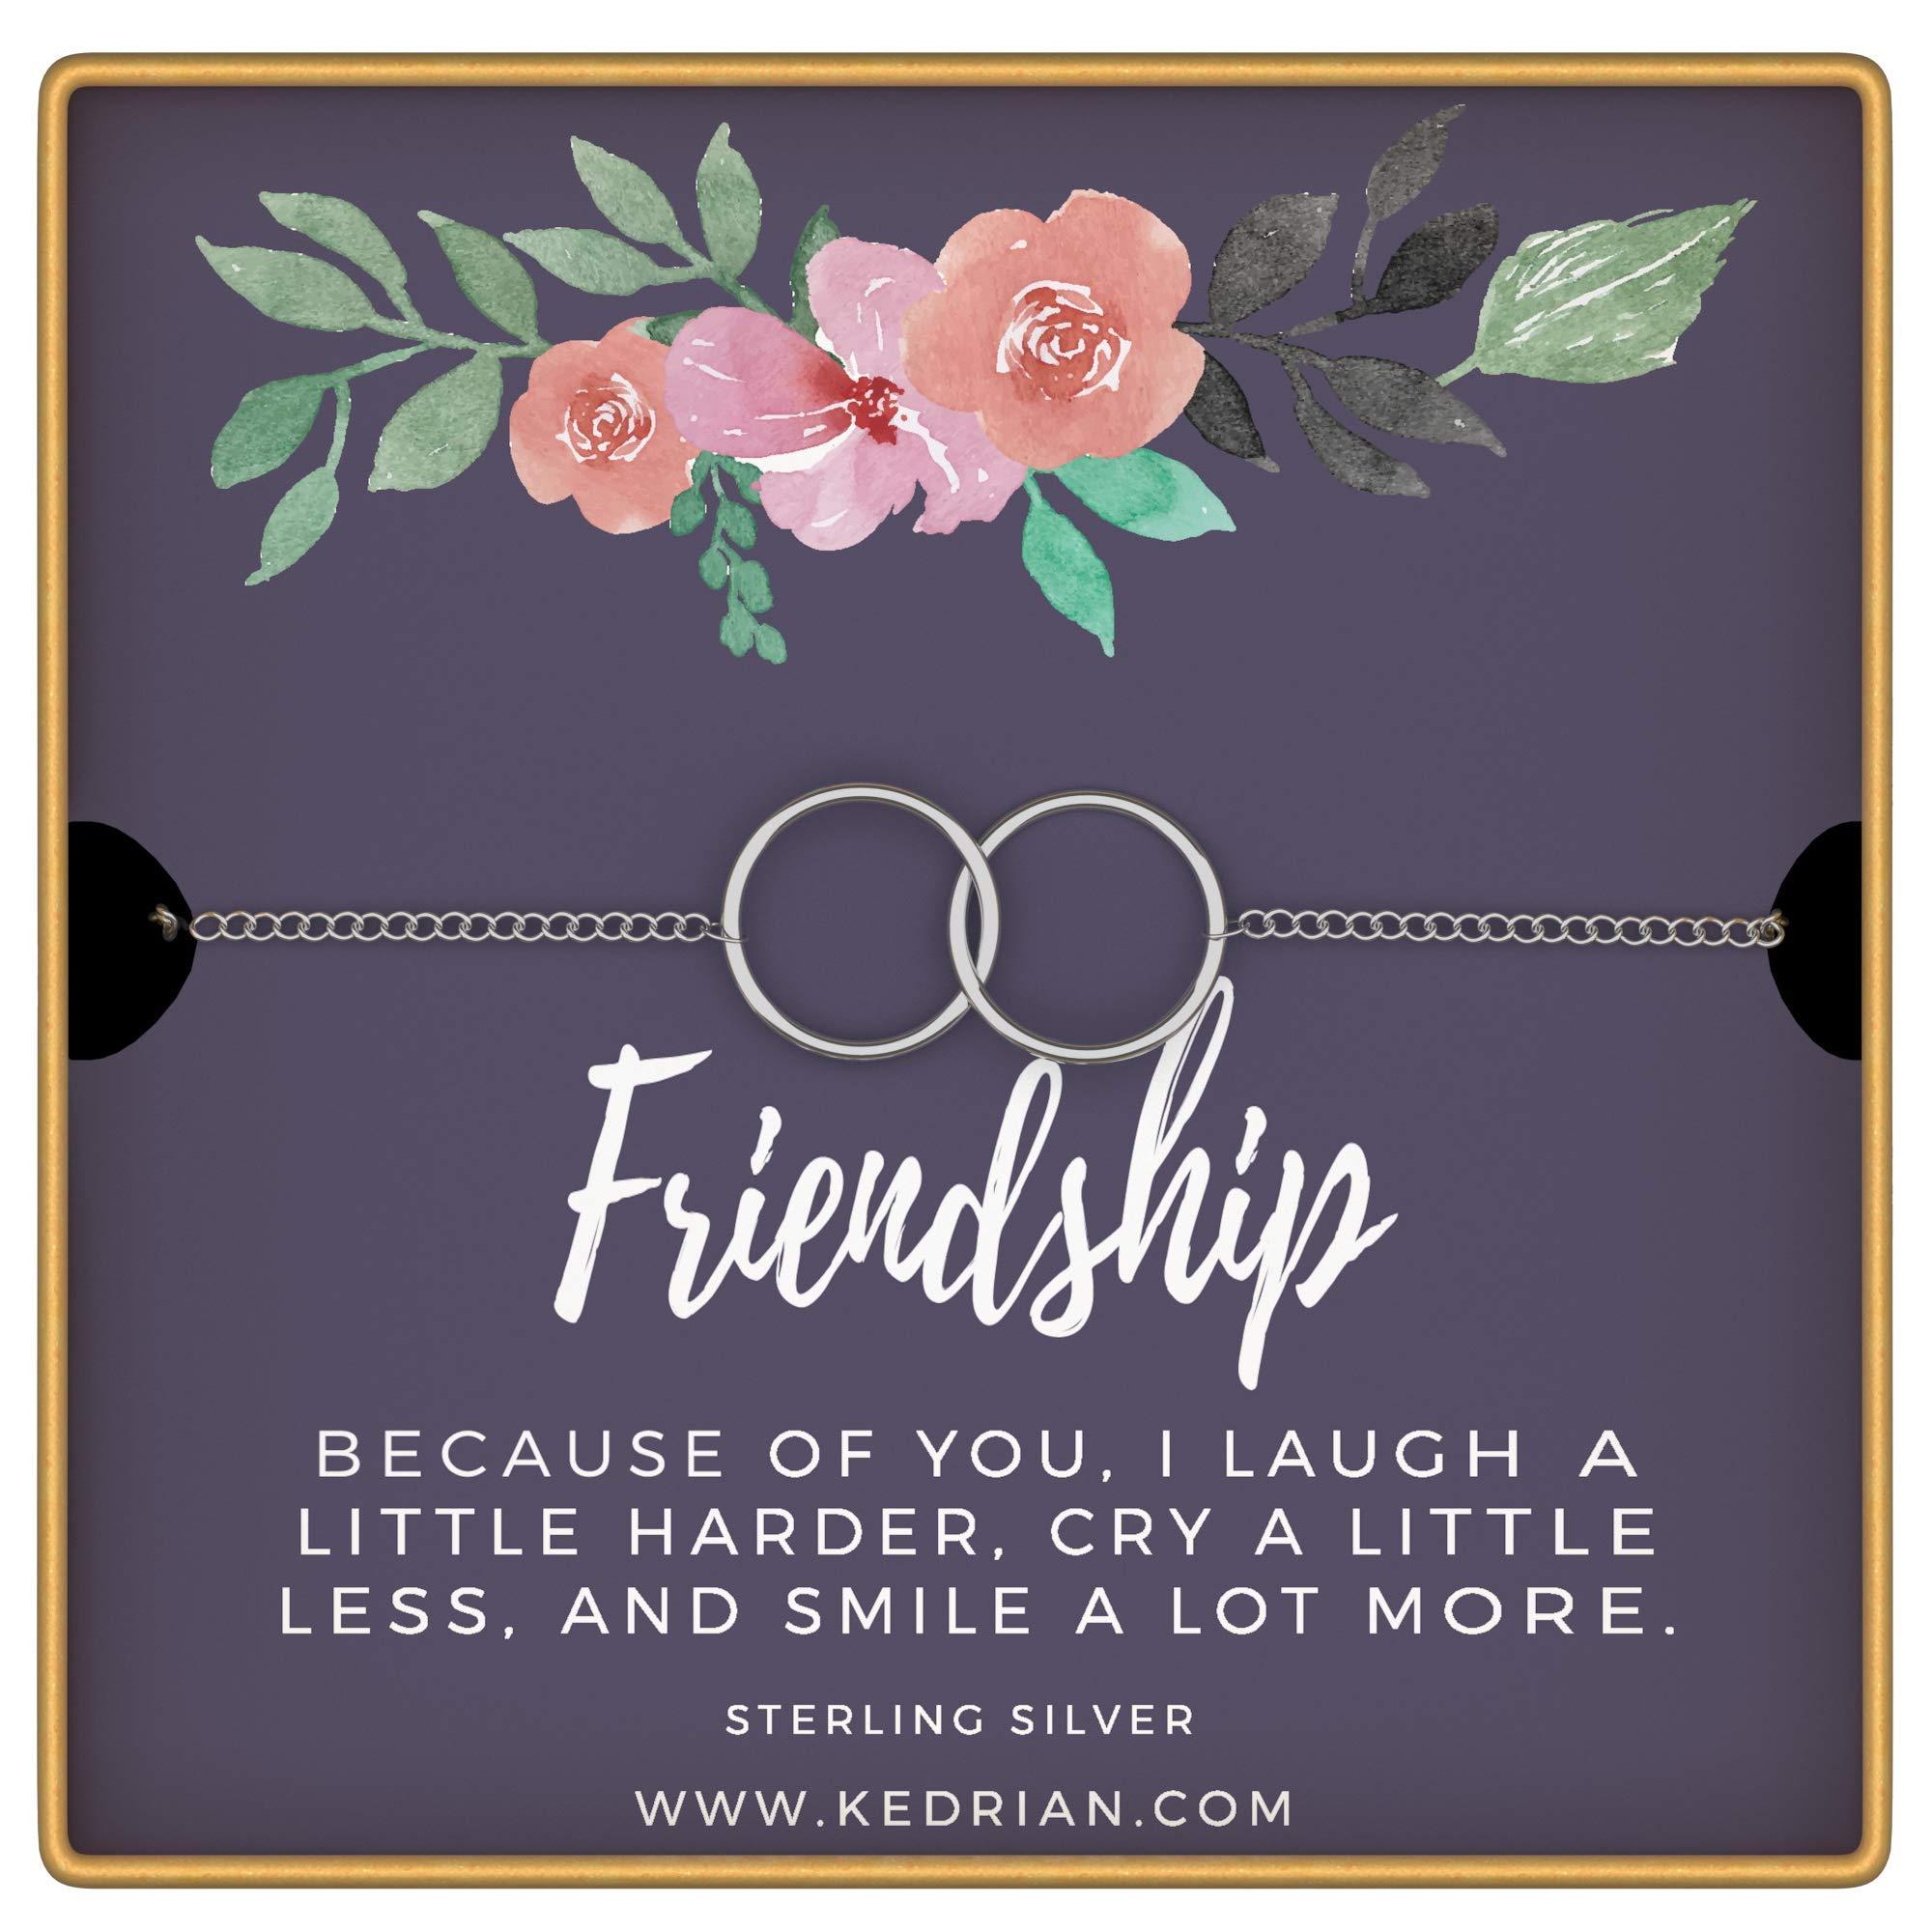 KEDRIAN Friendship Bracelet, 925 Sterling Silver, Friendship Bracelet, Best Friend Bracelet, Friendship Gifts for Women, for Women, Friend Gifts for Women by KEDRIAN